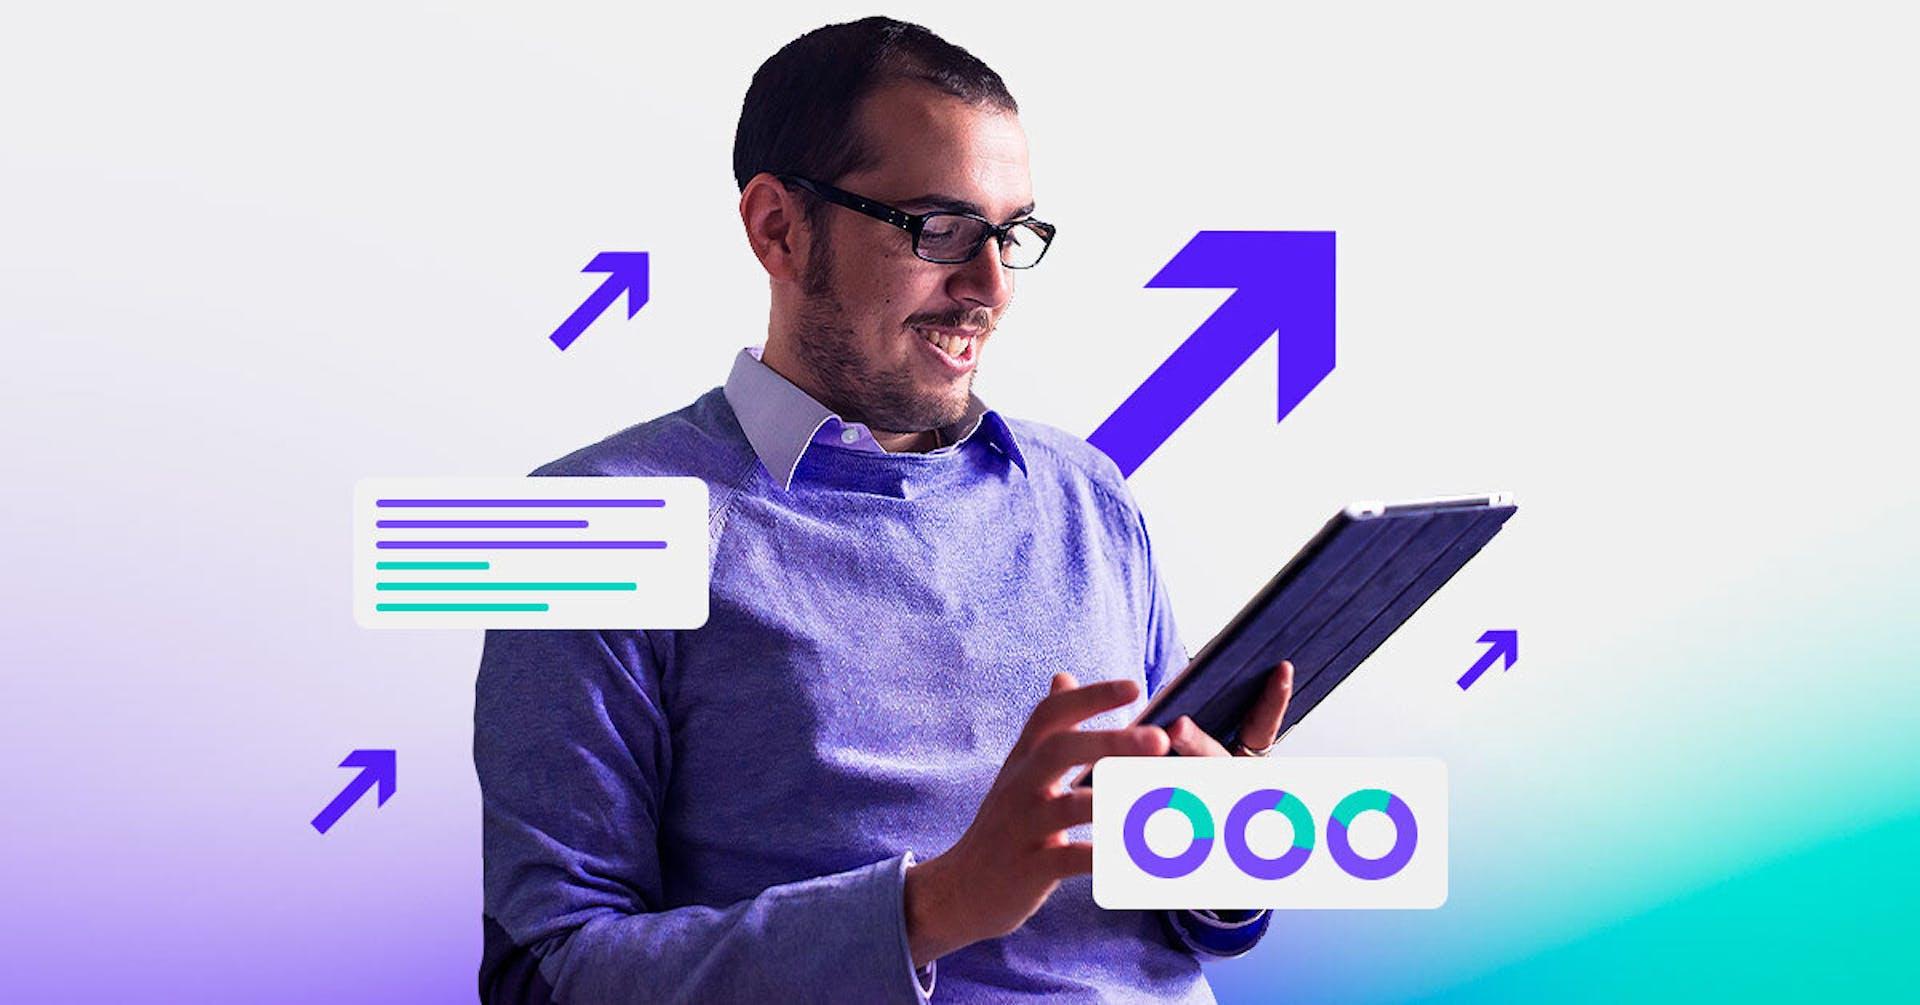 ¿Quieres ser un growth hacker? Guía para aprender growth hacking